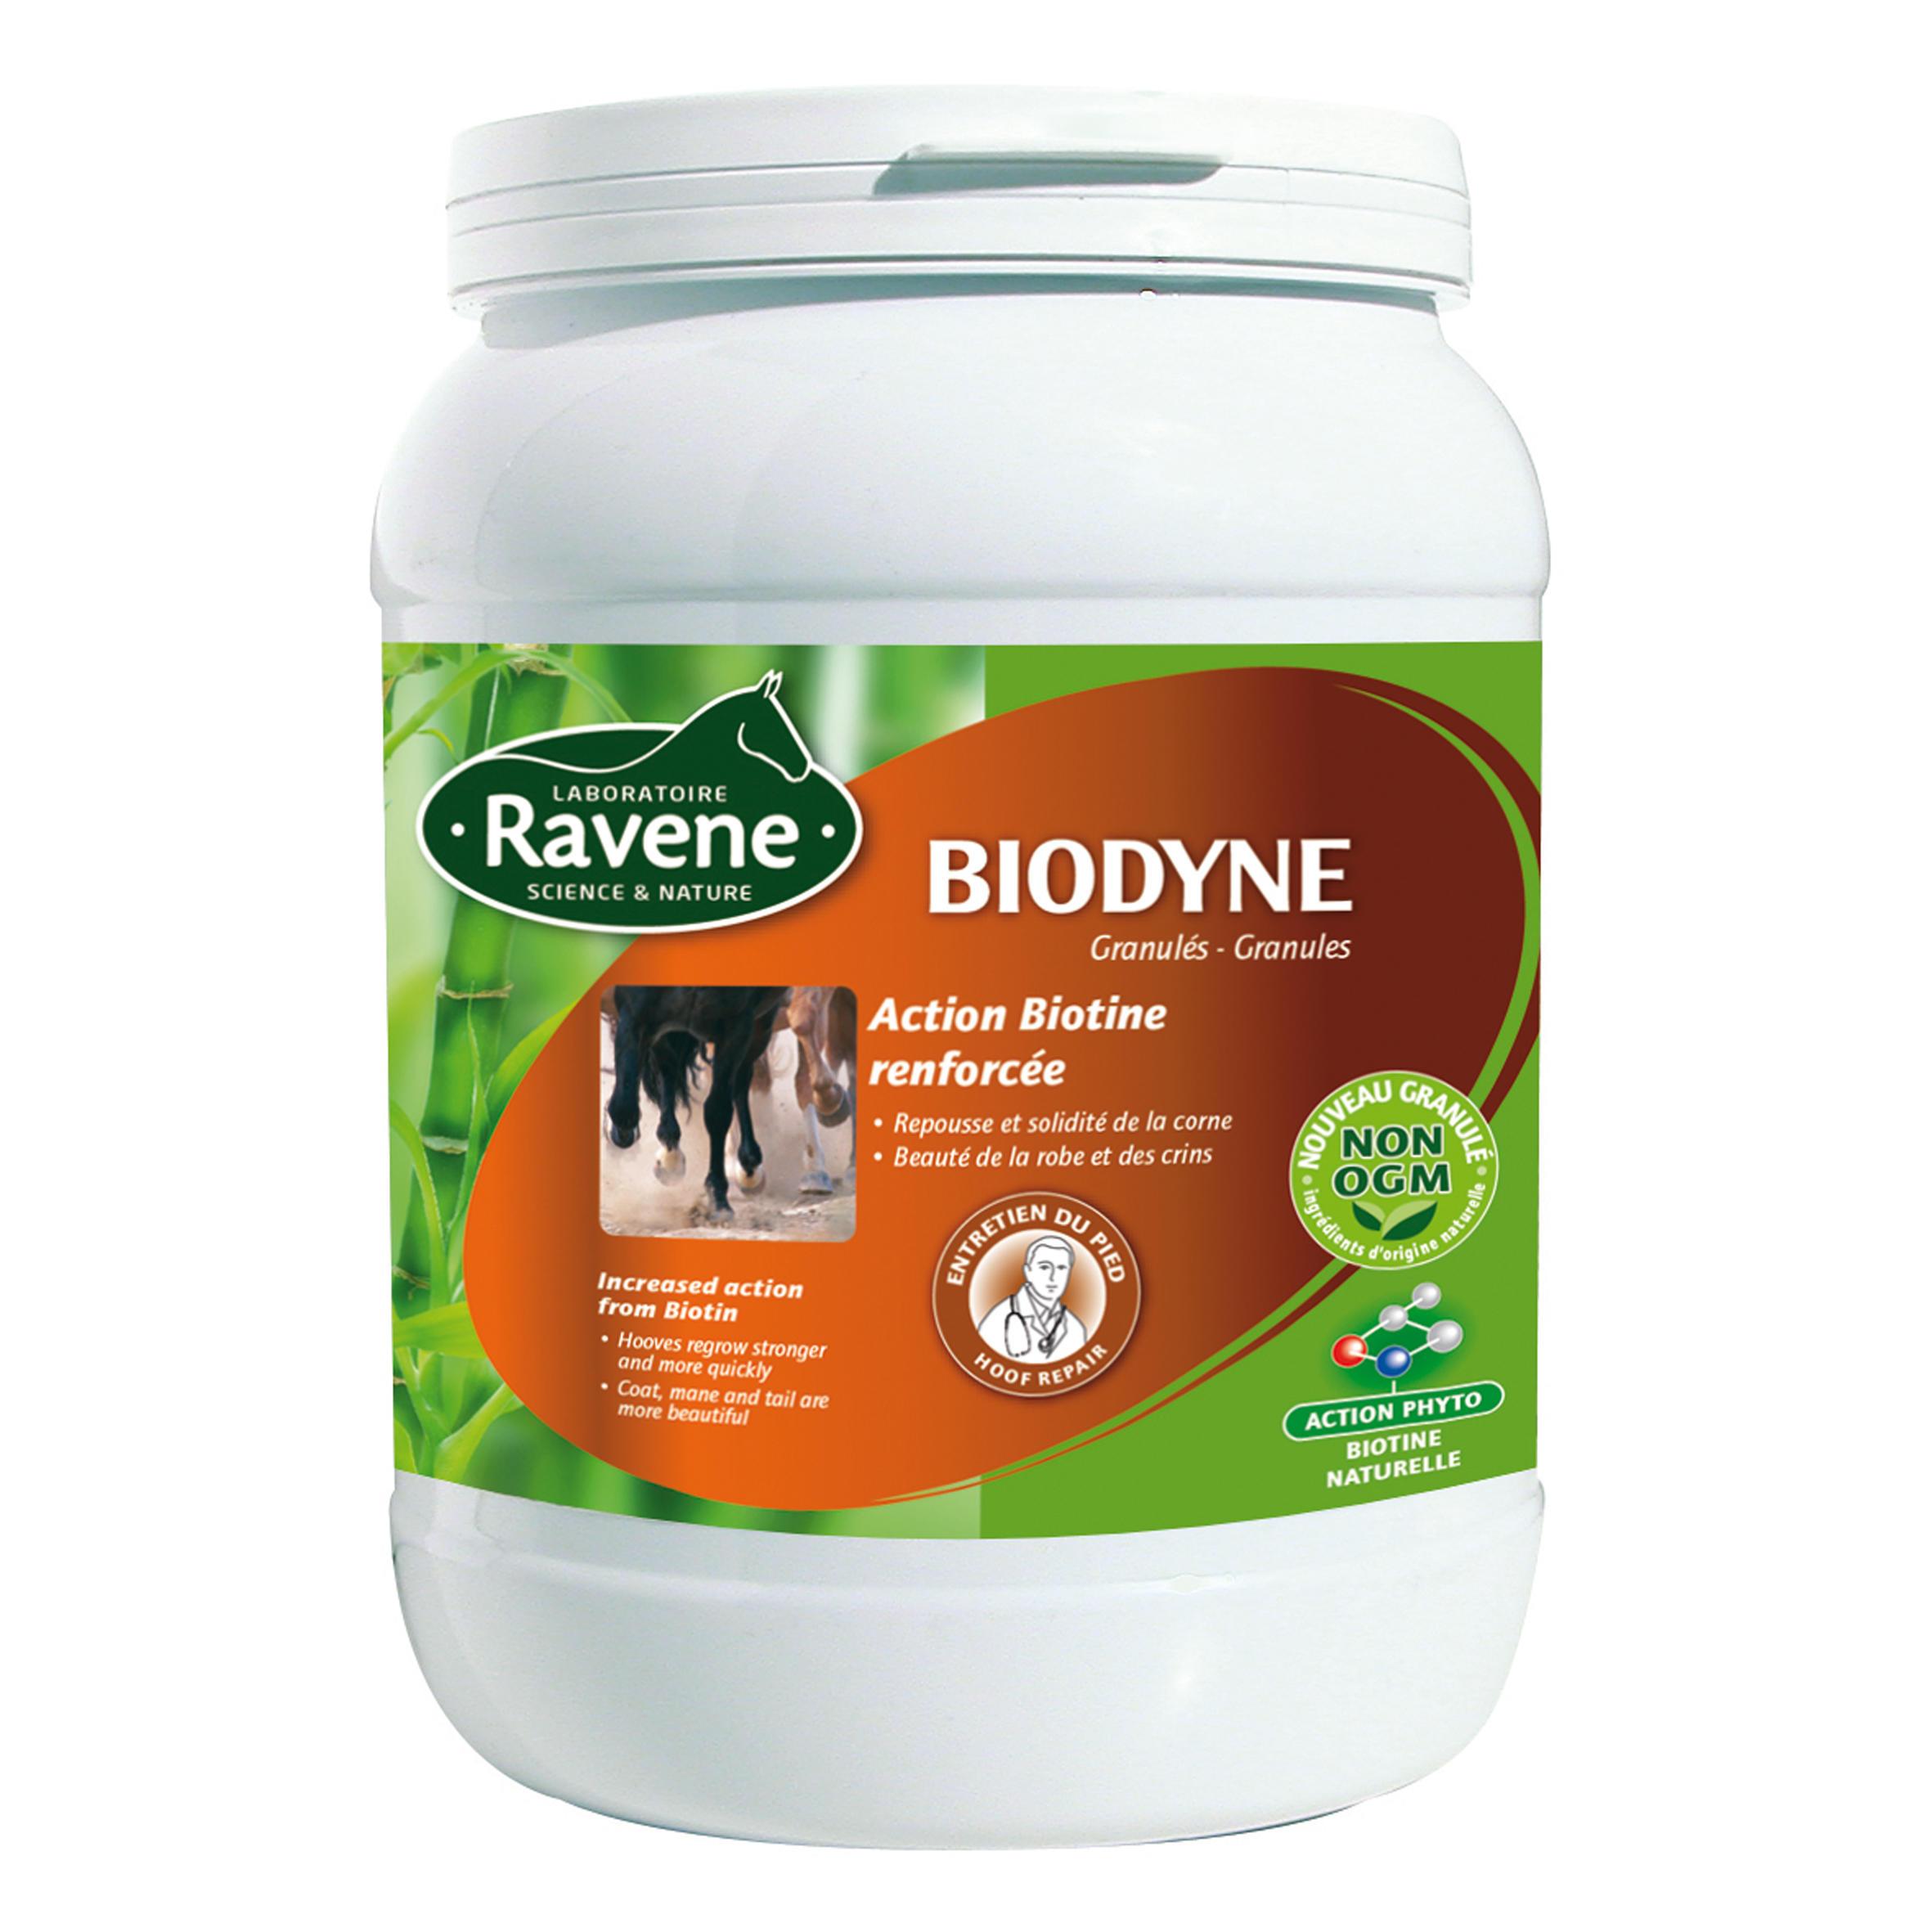 Supliment Biodyne 1kg de la RAVENE